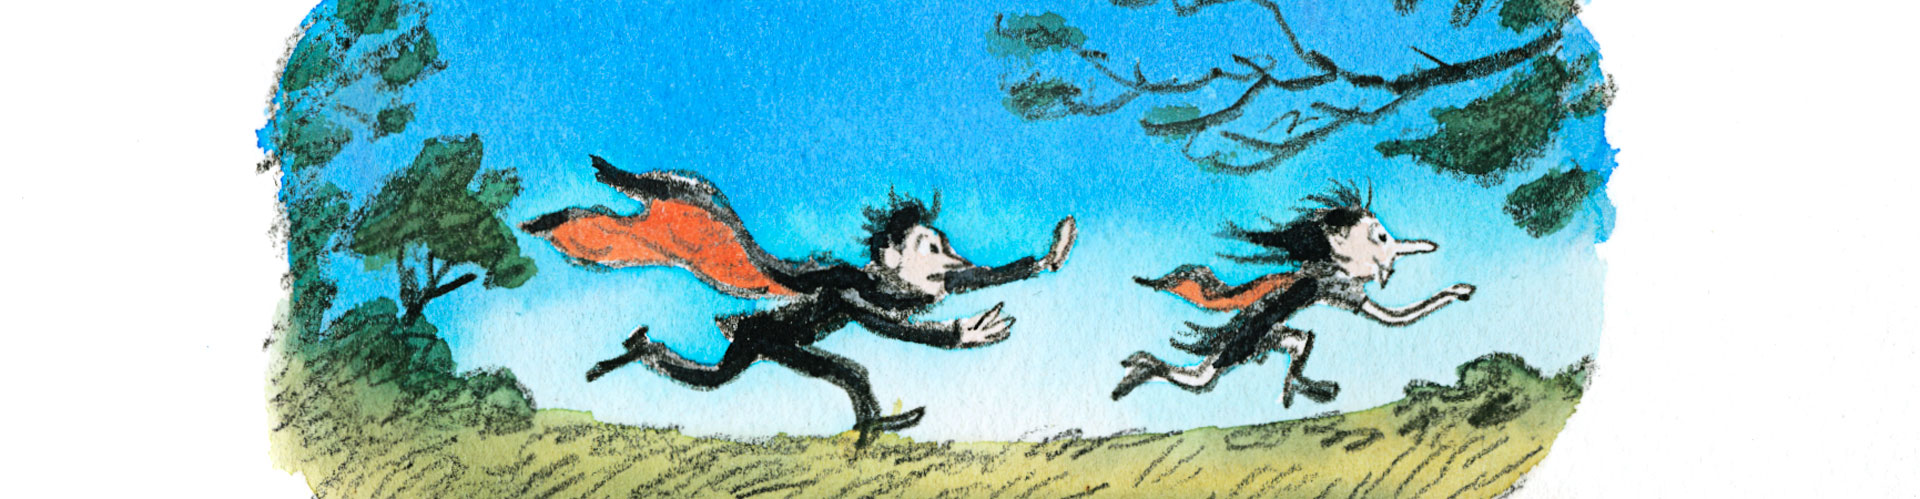 Dolfje-weerwolfje-Maanmysterie-Paul-van-Loon-Hugo-van-Look